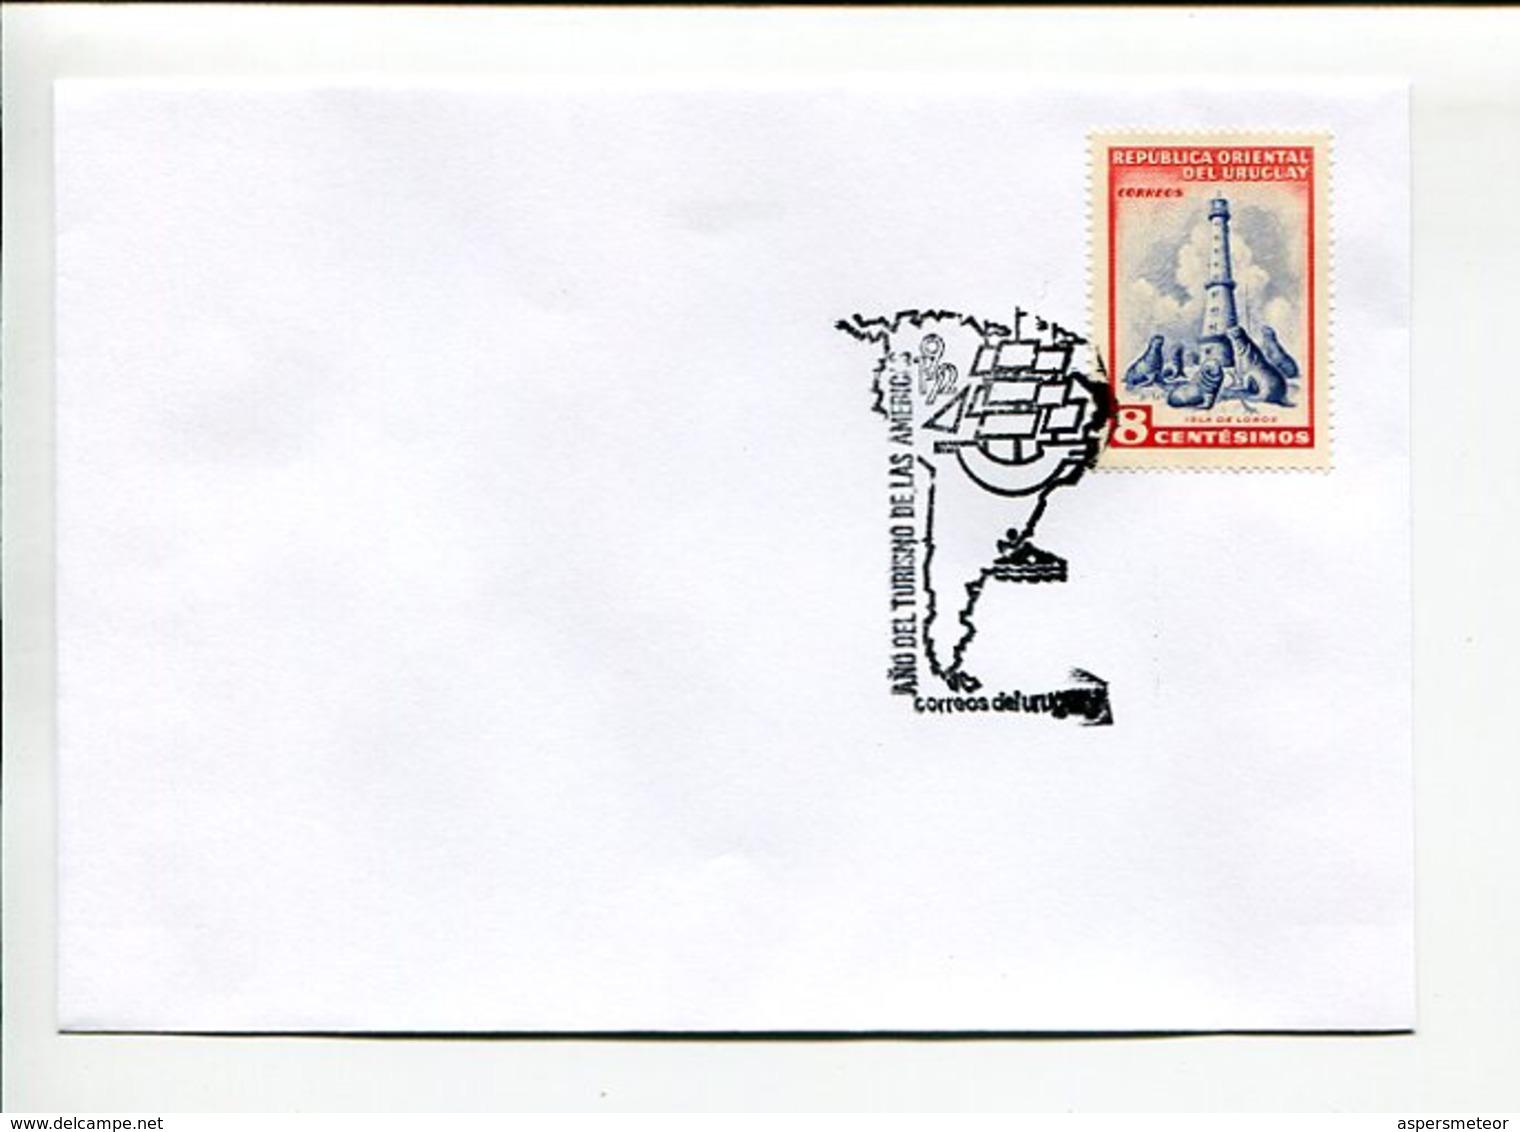 AÑO DEL TURISMO DE LAS AMERICAS. SOBRE URUGUAY 1972 ENVELOPE SPC MATASELLO ESPECIAL - LILHU - Otros